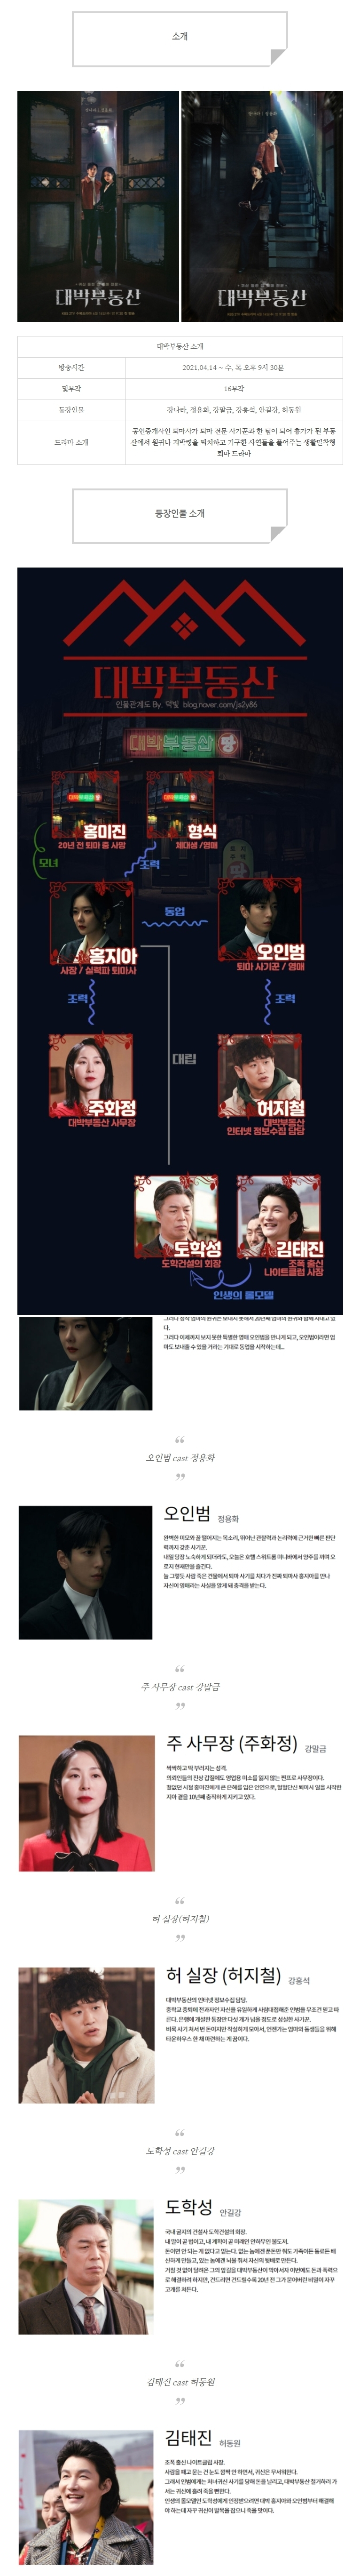 [수목드라마] 대박부동산 인물관계도, 몇부작, 정보